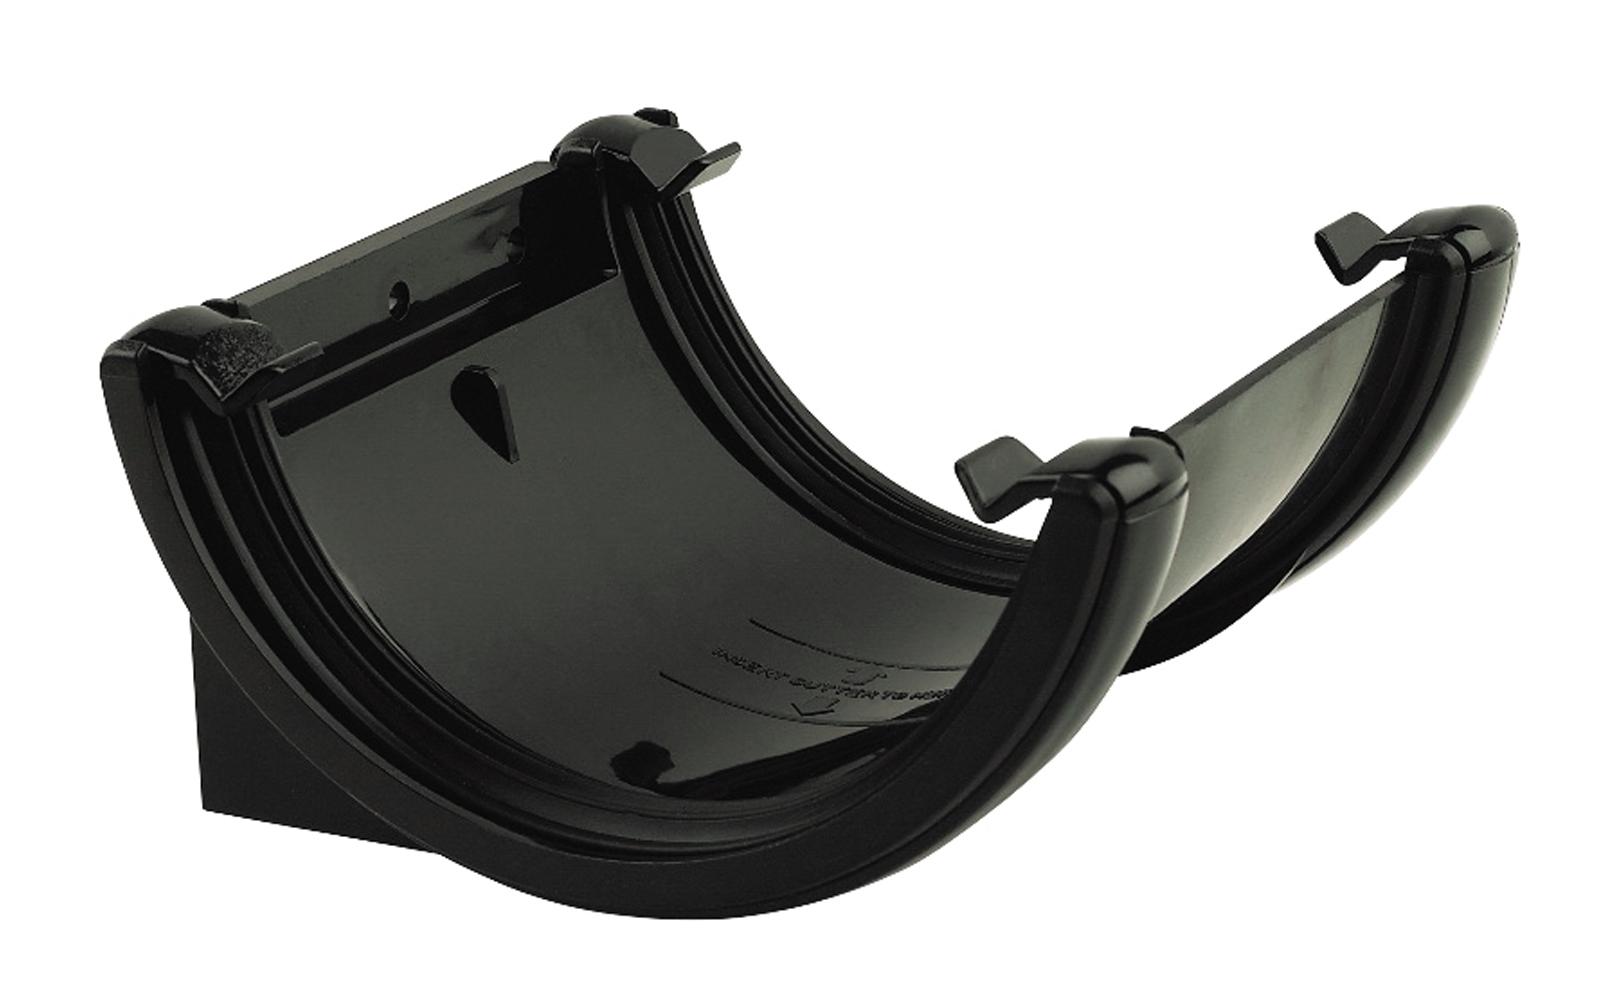 FLOPLAST RU1BL HALF ROUND GUTTER - UNION BRACKET - BLACK